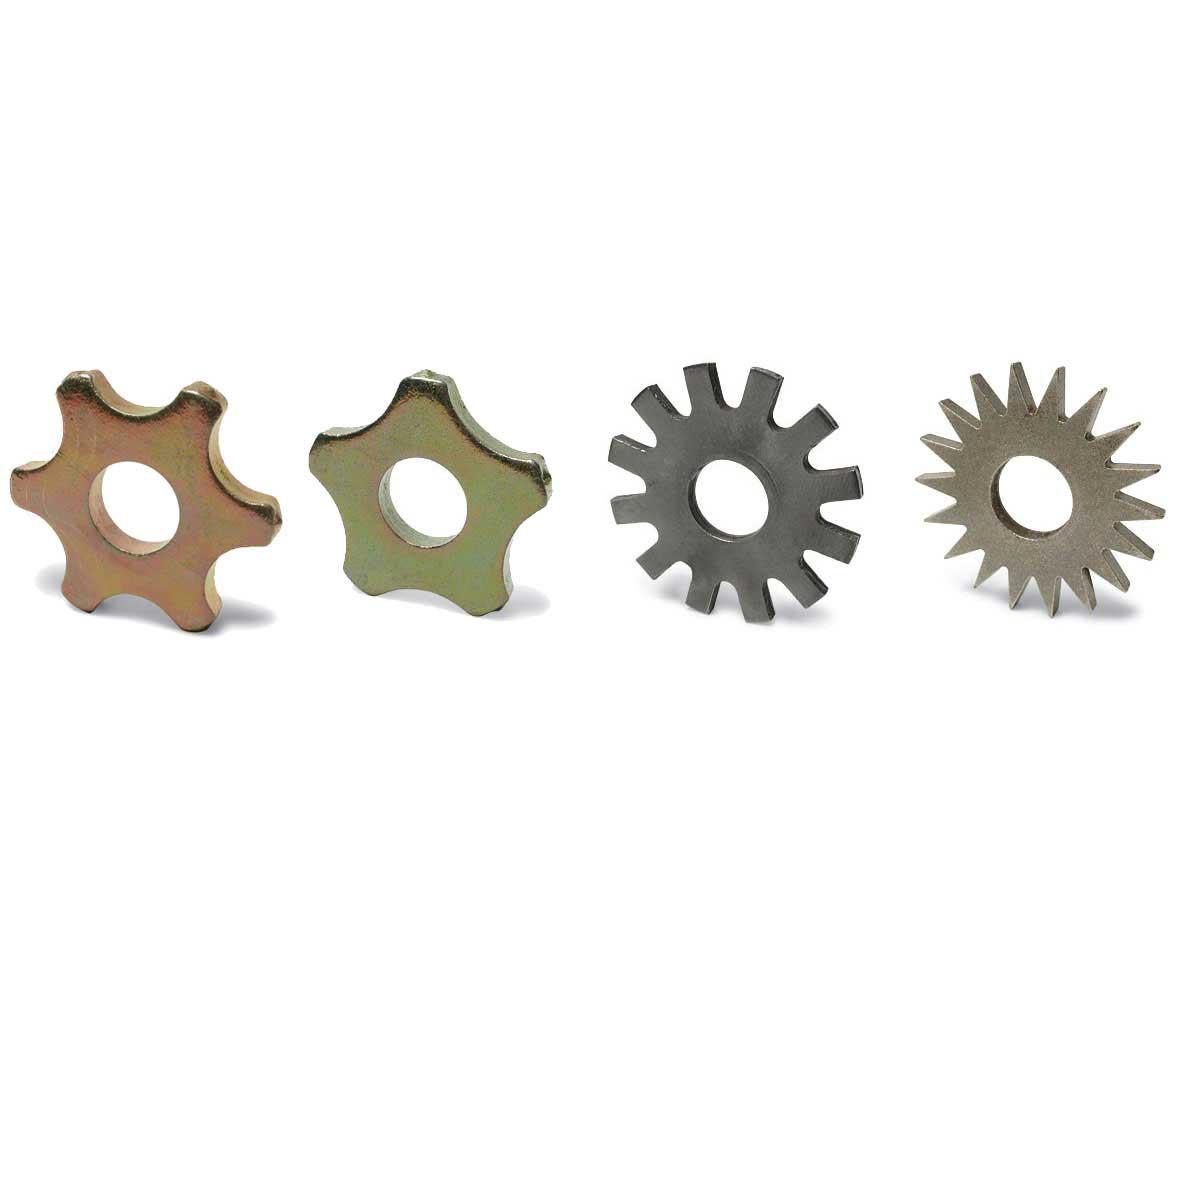 MK Scarifier carbide cutters